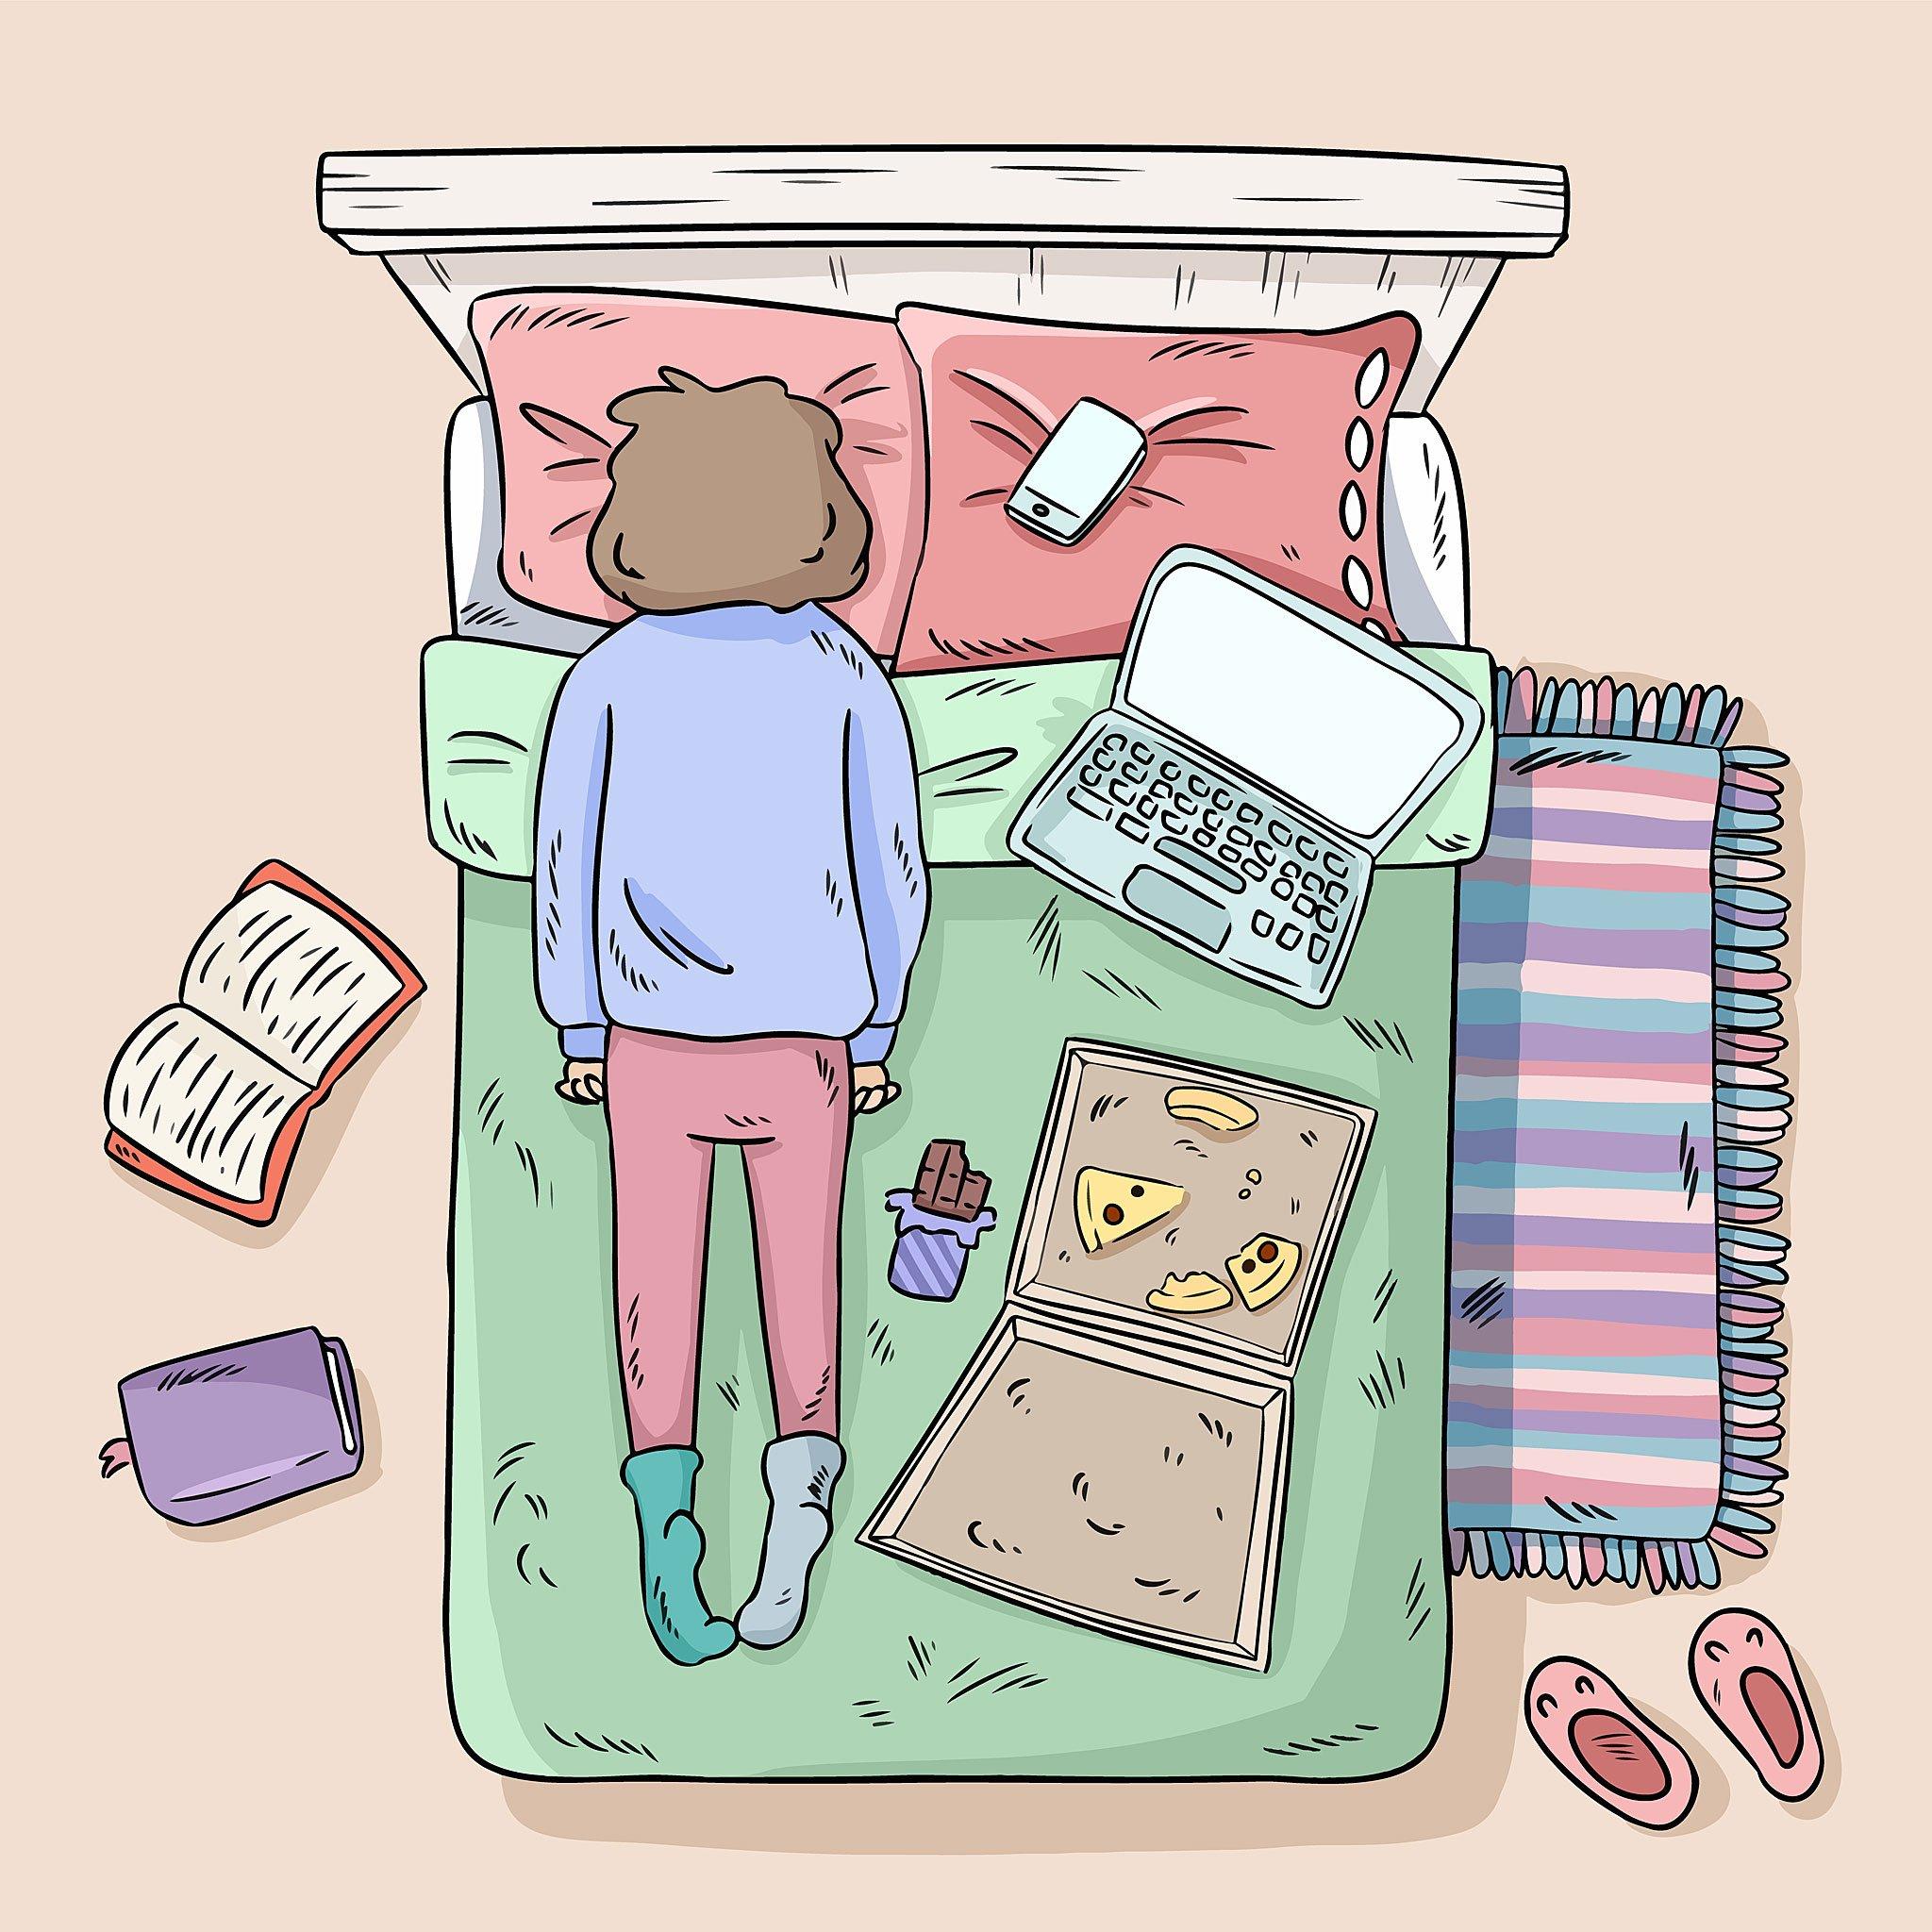 Retrato del aislamiento: mujer en cama con libros, computadoras, pizza y chocolate.